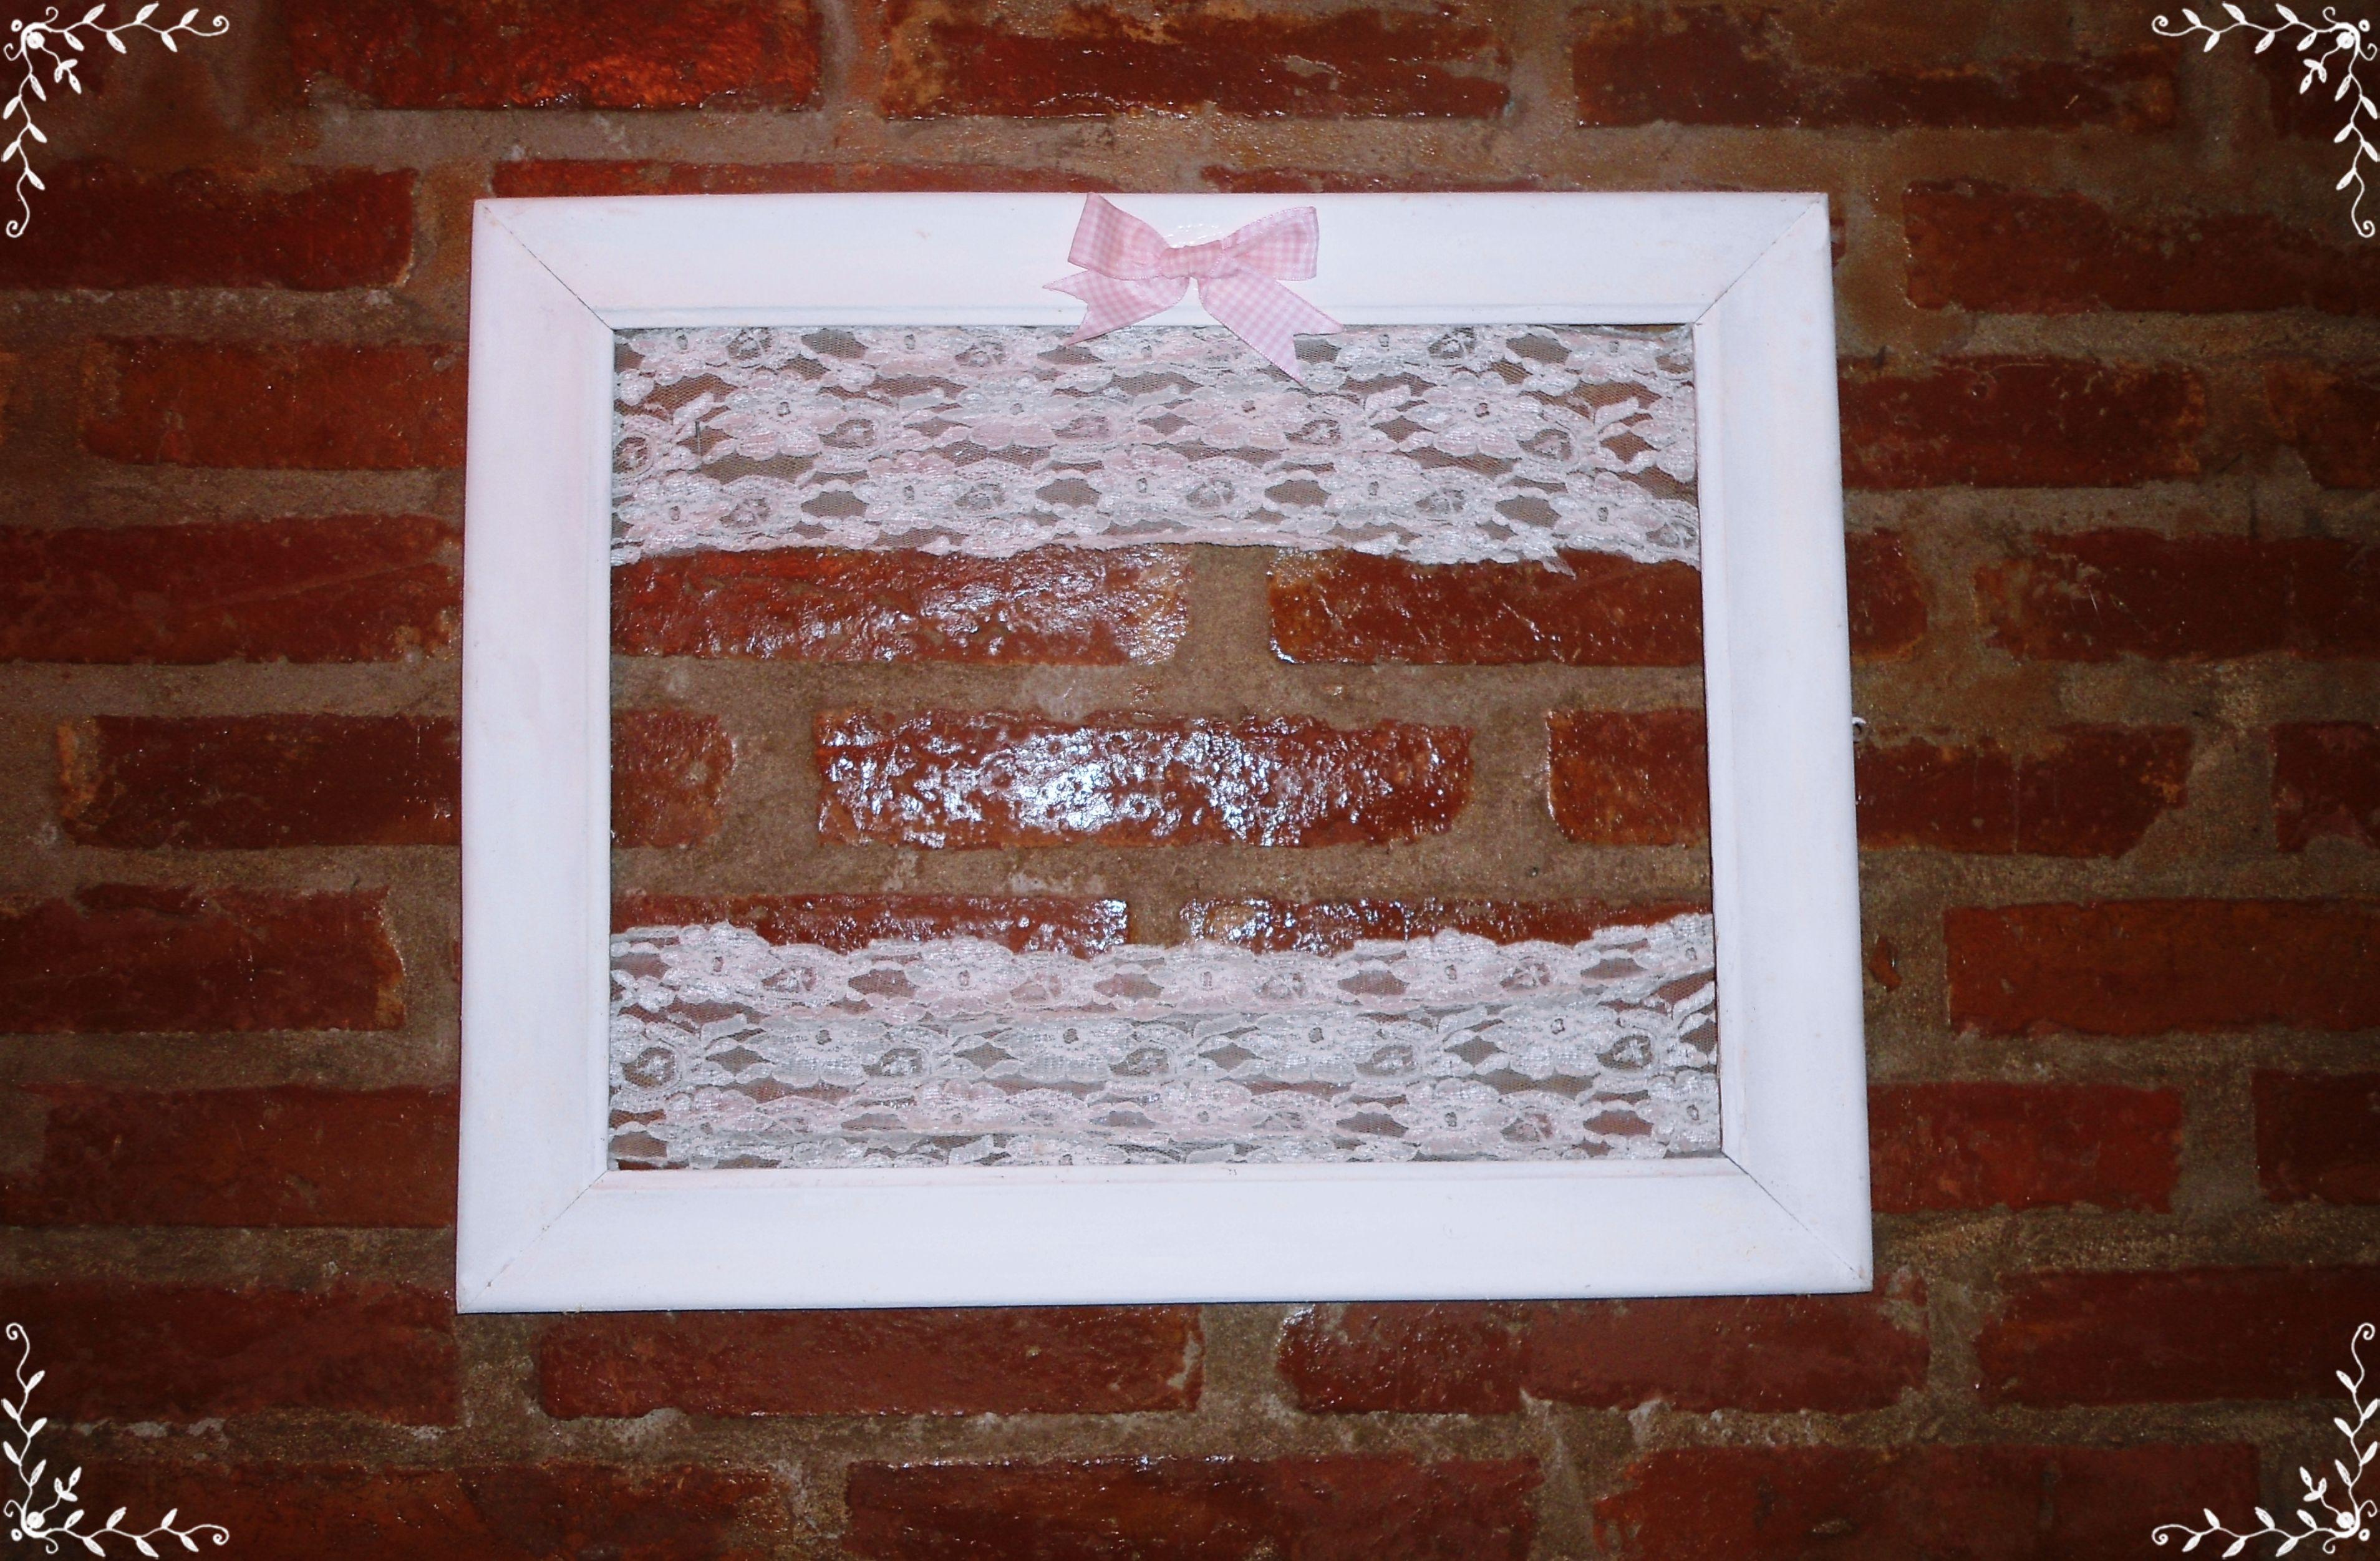 Cuadro restaurado puntilla blanco moño rosa